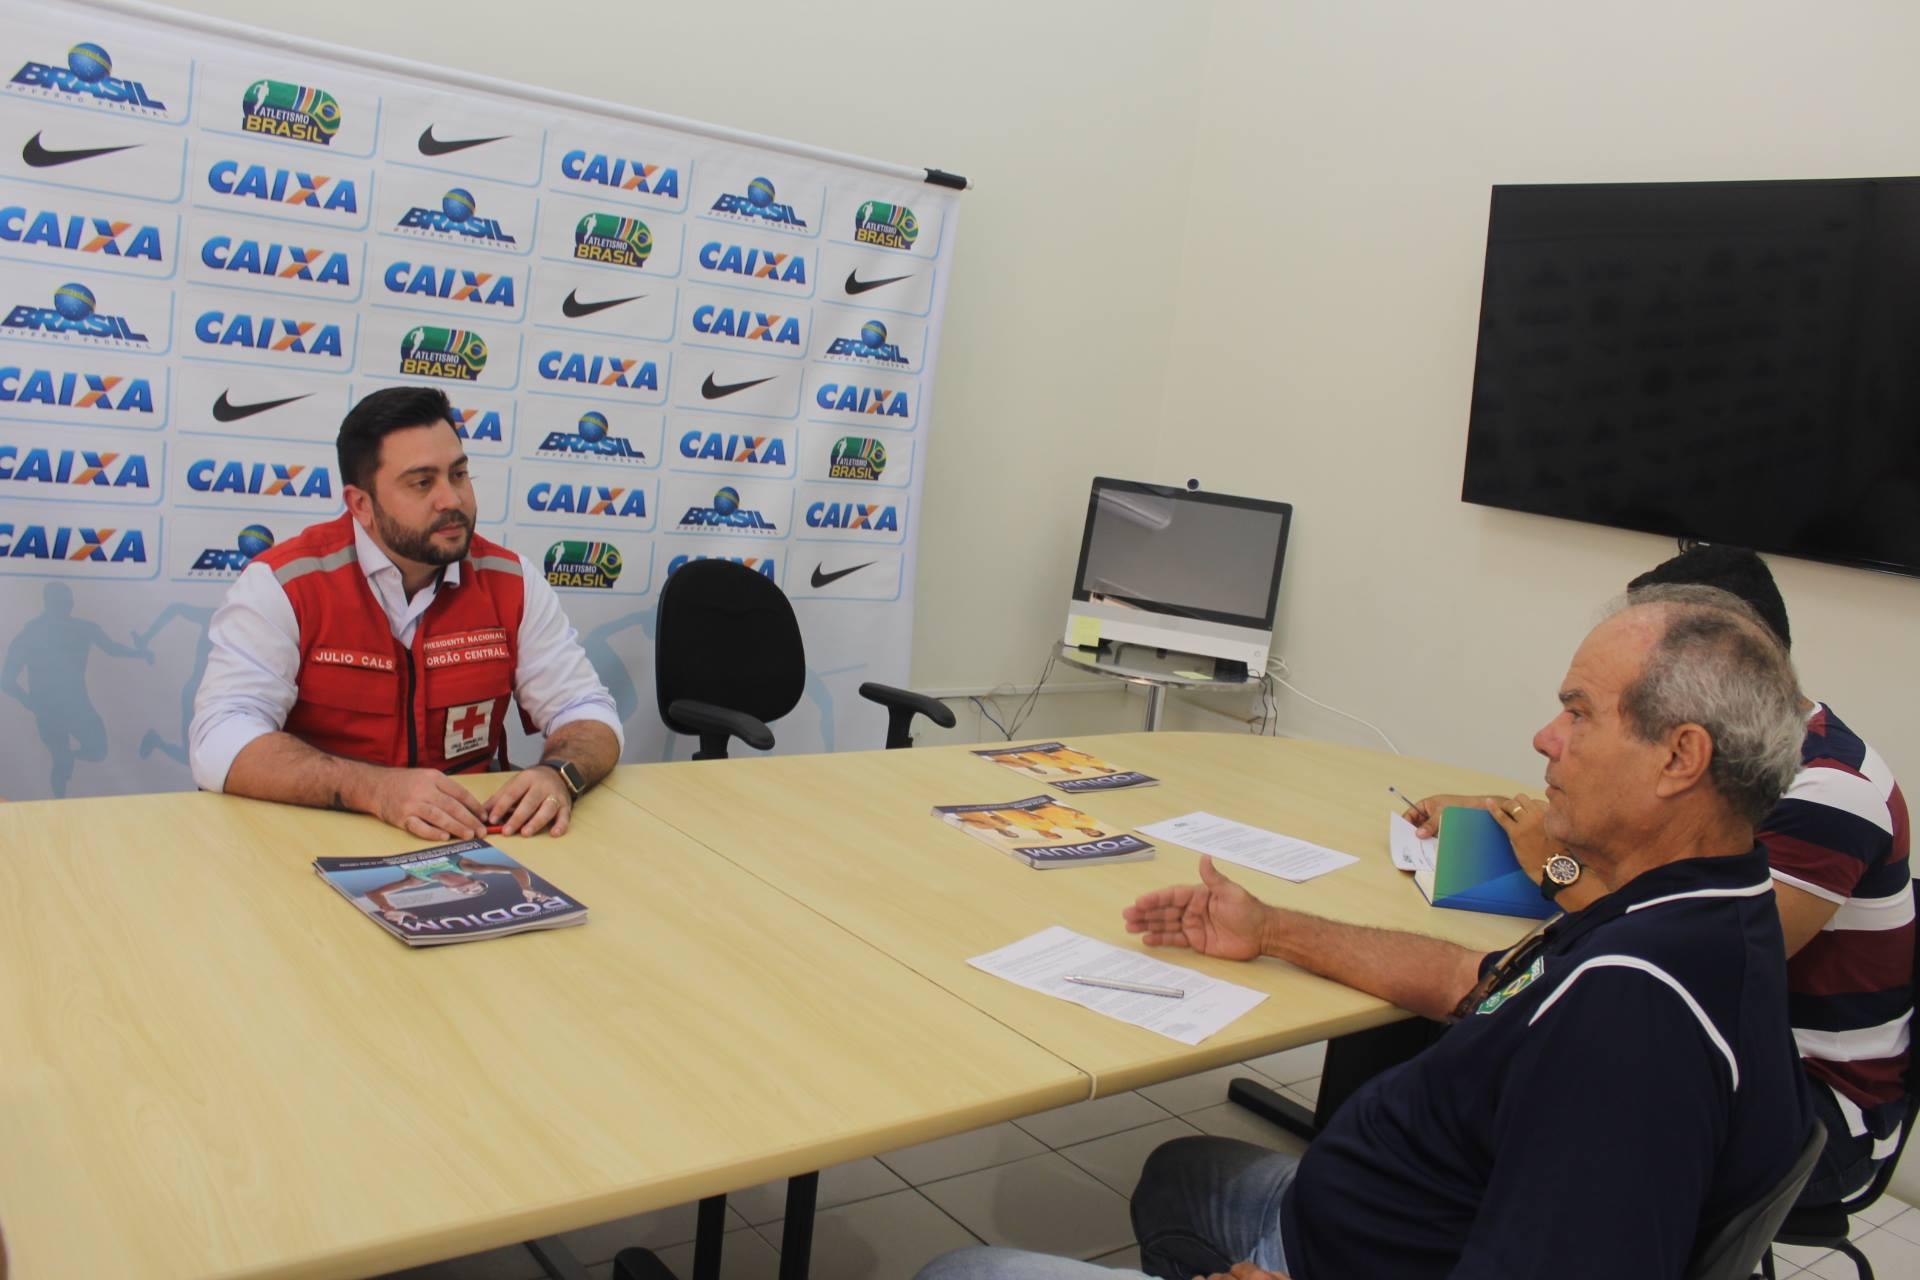 Cruz Vermelha Brasileira encerra compromissos em São Paulo com resultados positivos (1)